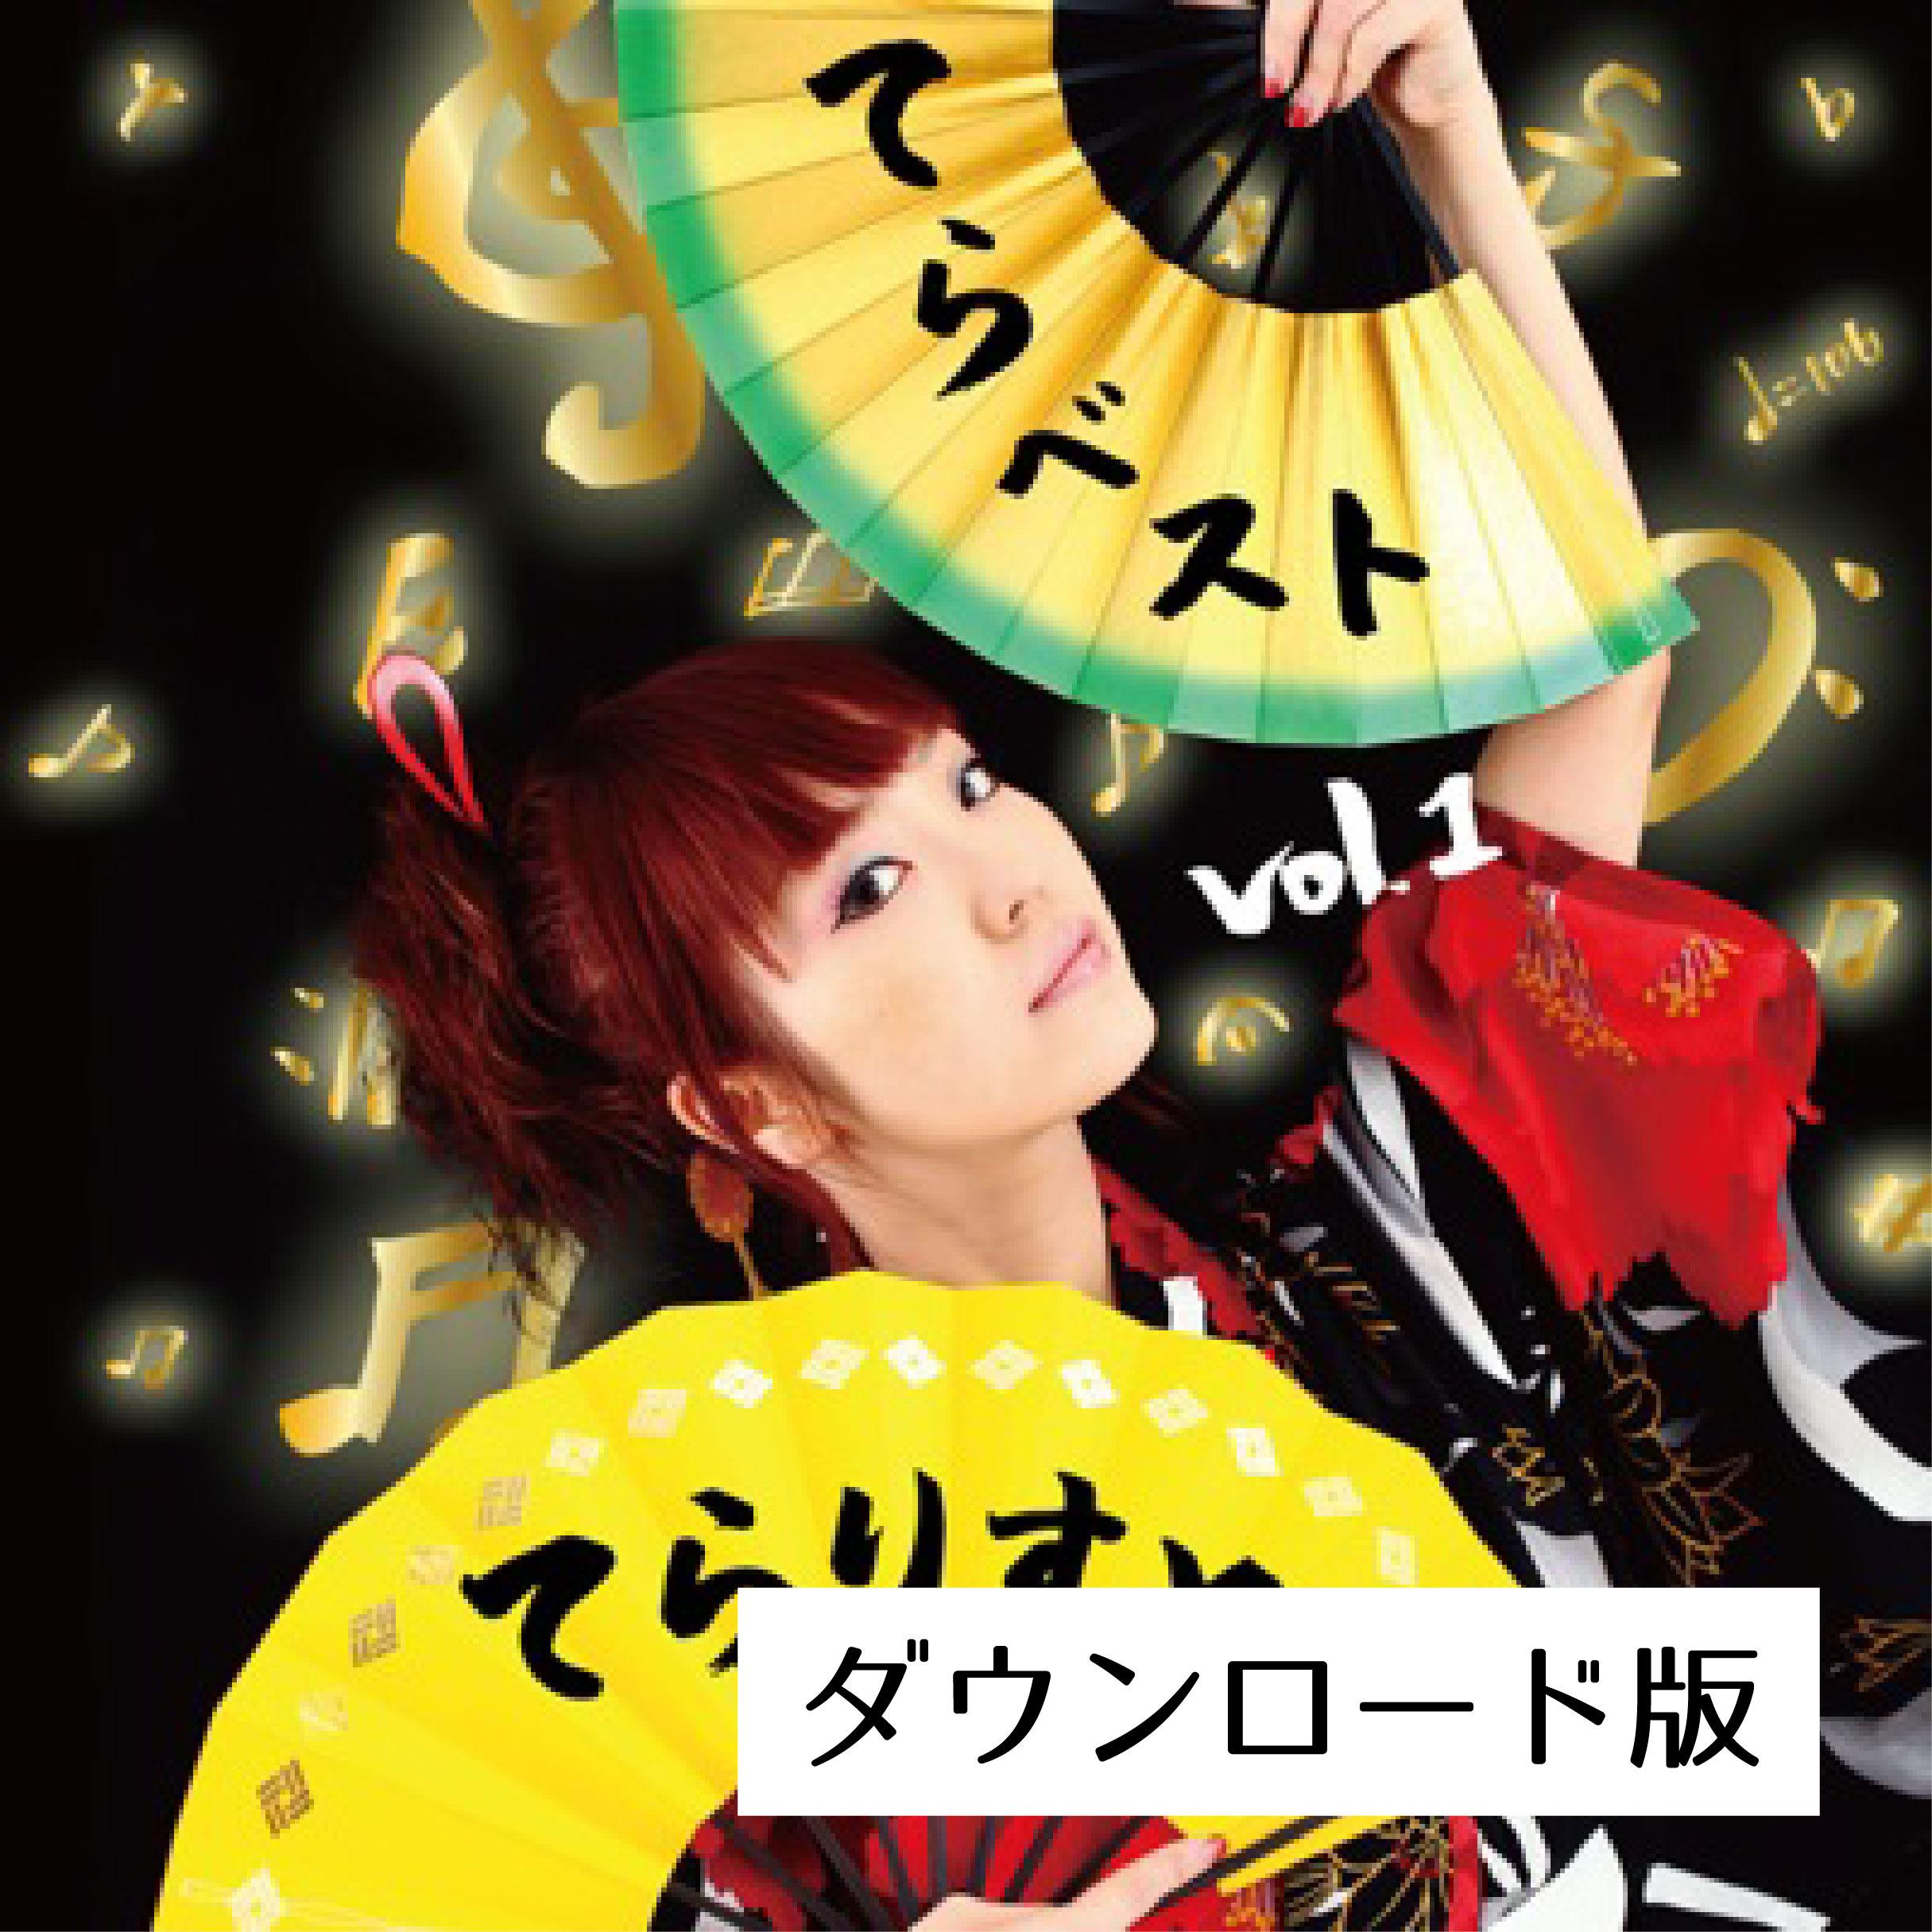 てらりすと 4th Album『てらベスト Vol.1』(DL版)  - 画像1